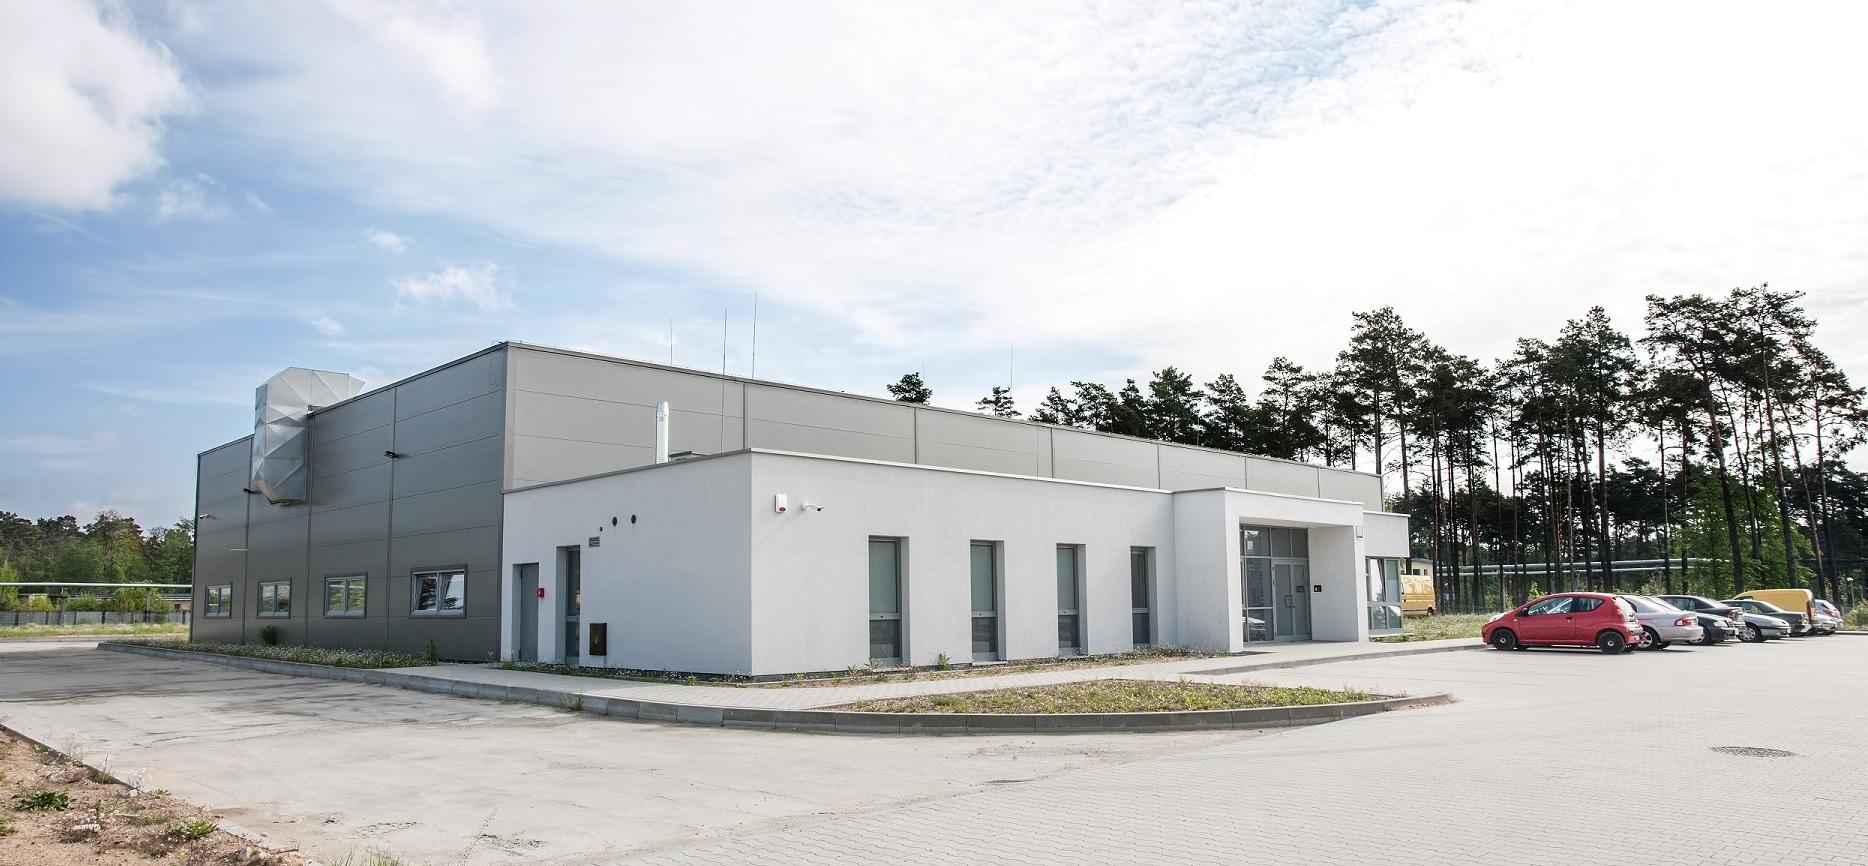 Pixmet - Raczkowskiego 7, Bydgoszcz